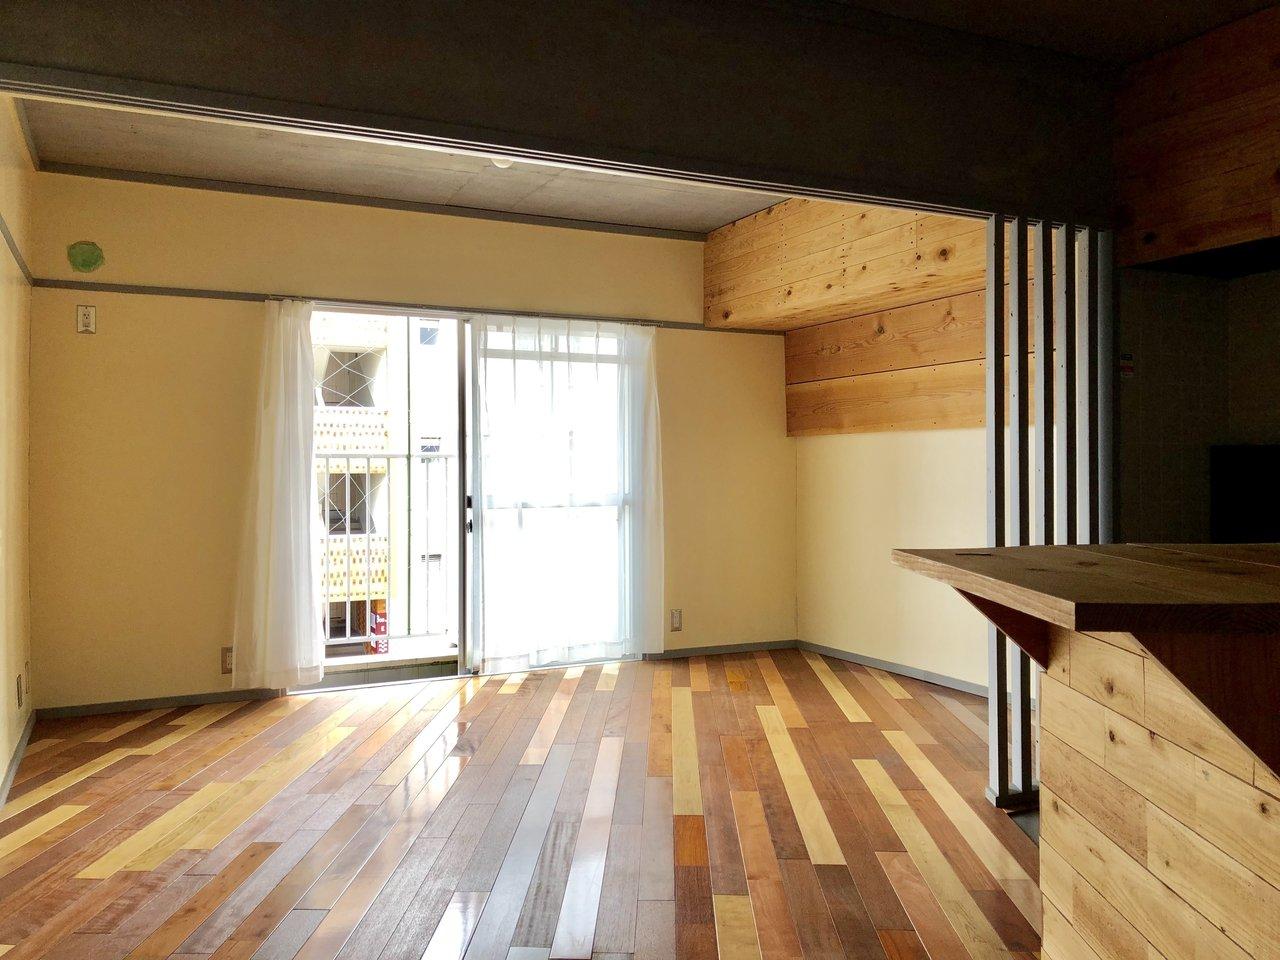 個性的な部屋に住みたい!デザインのある「床」が特徴のお部屋まとめ